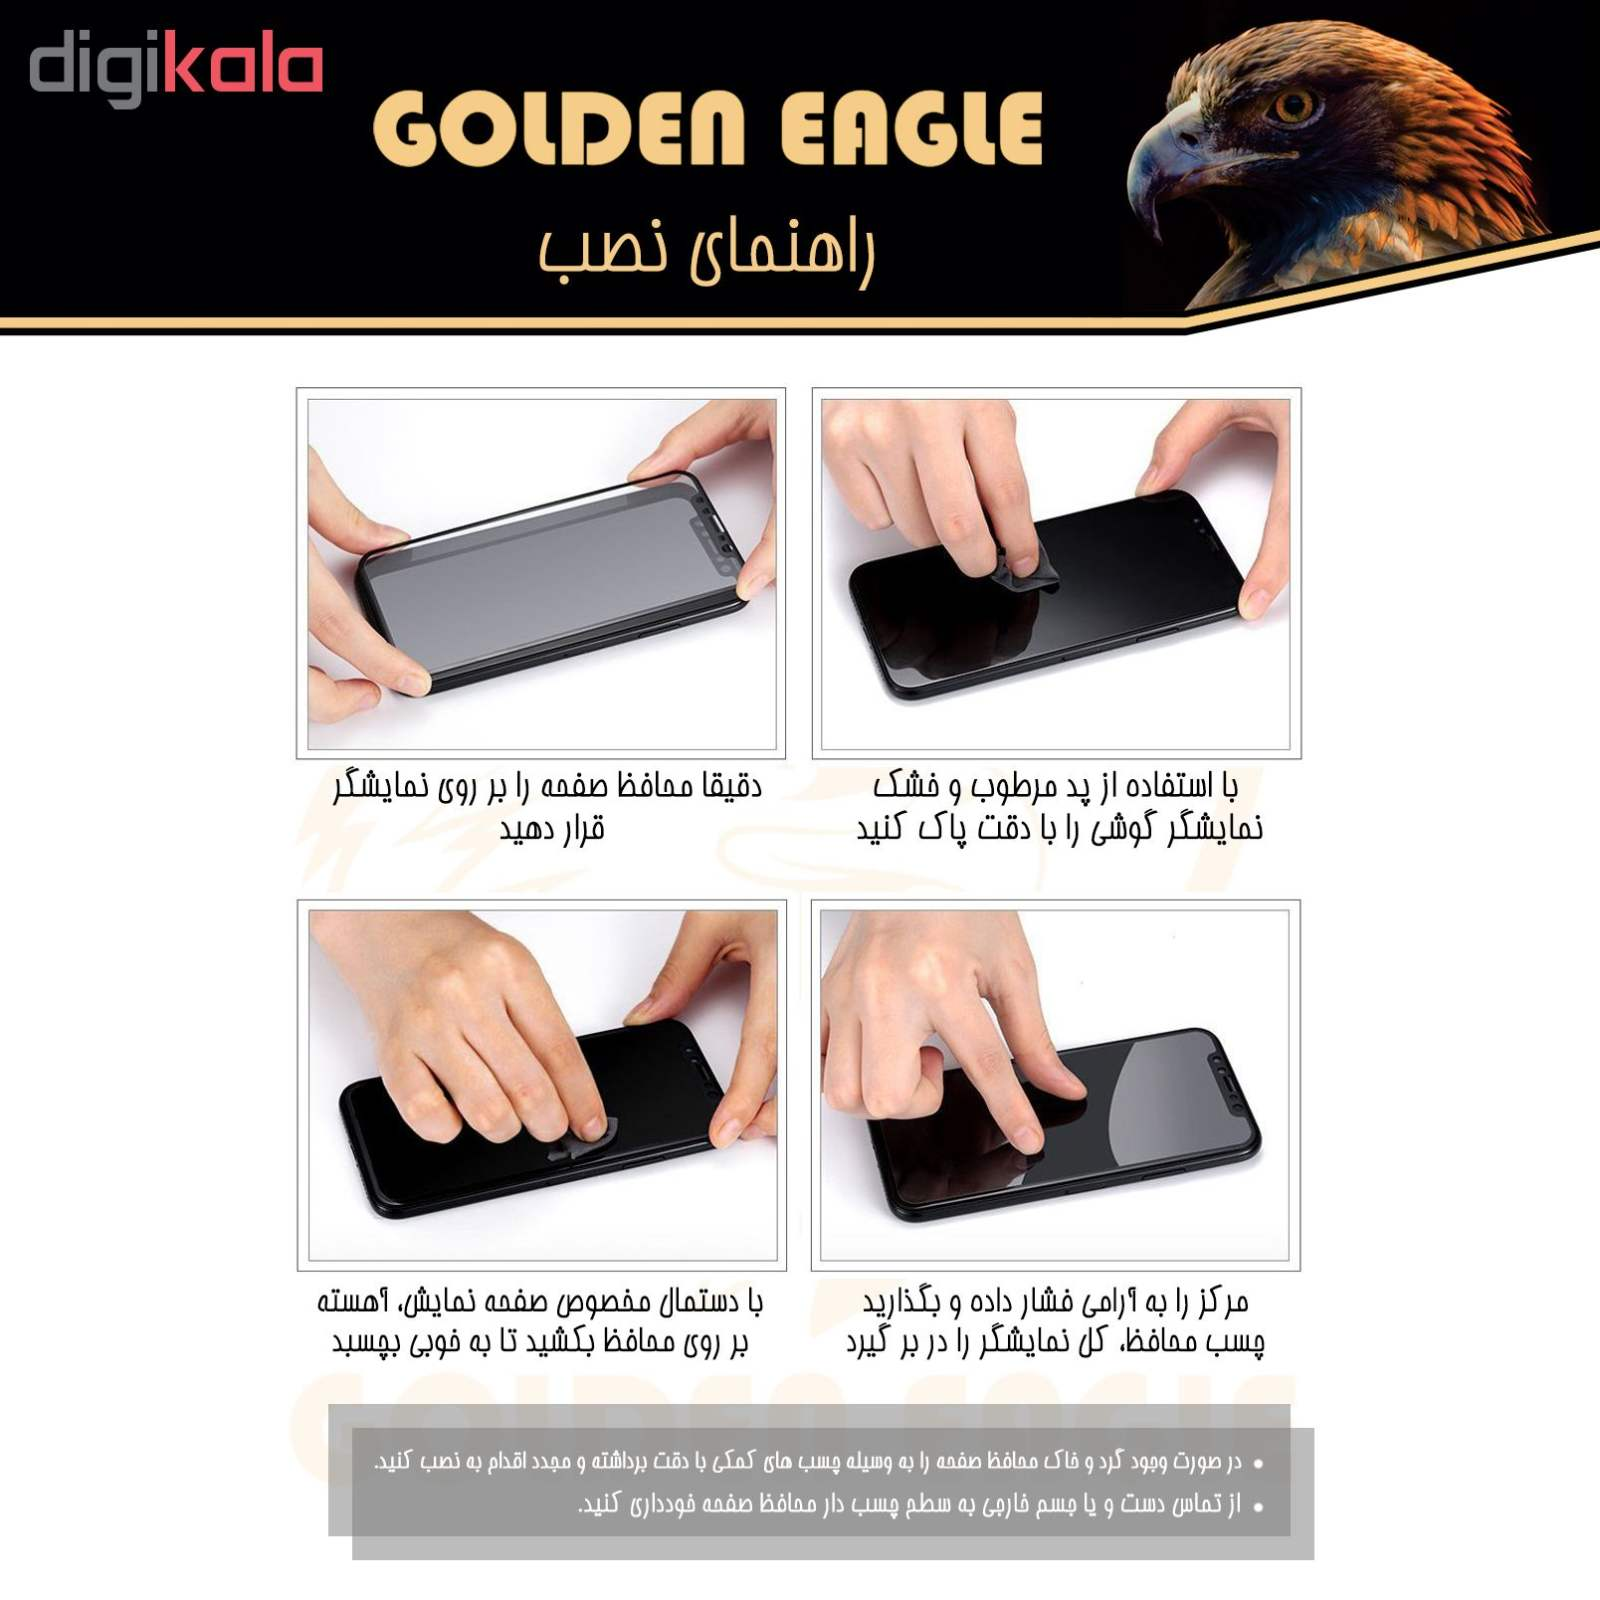 محافظ صفحه نمایش گلدن ایگل مدل GLC-X3 مناسب برای گوشی موبایل سامسونگ Galaxy A30 بسته سه عددی main 1 4